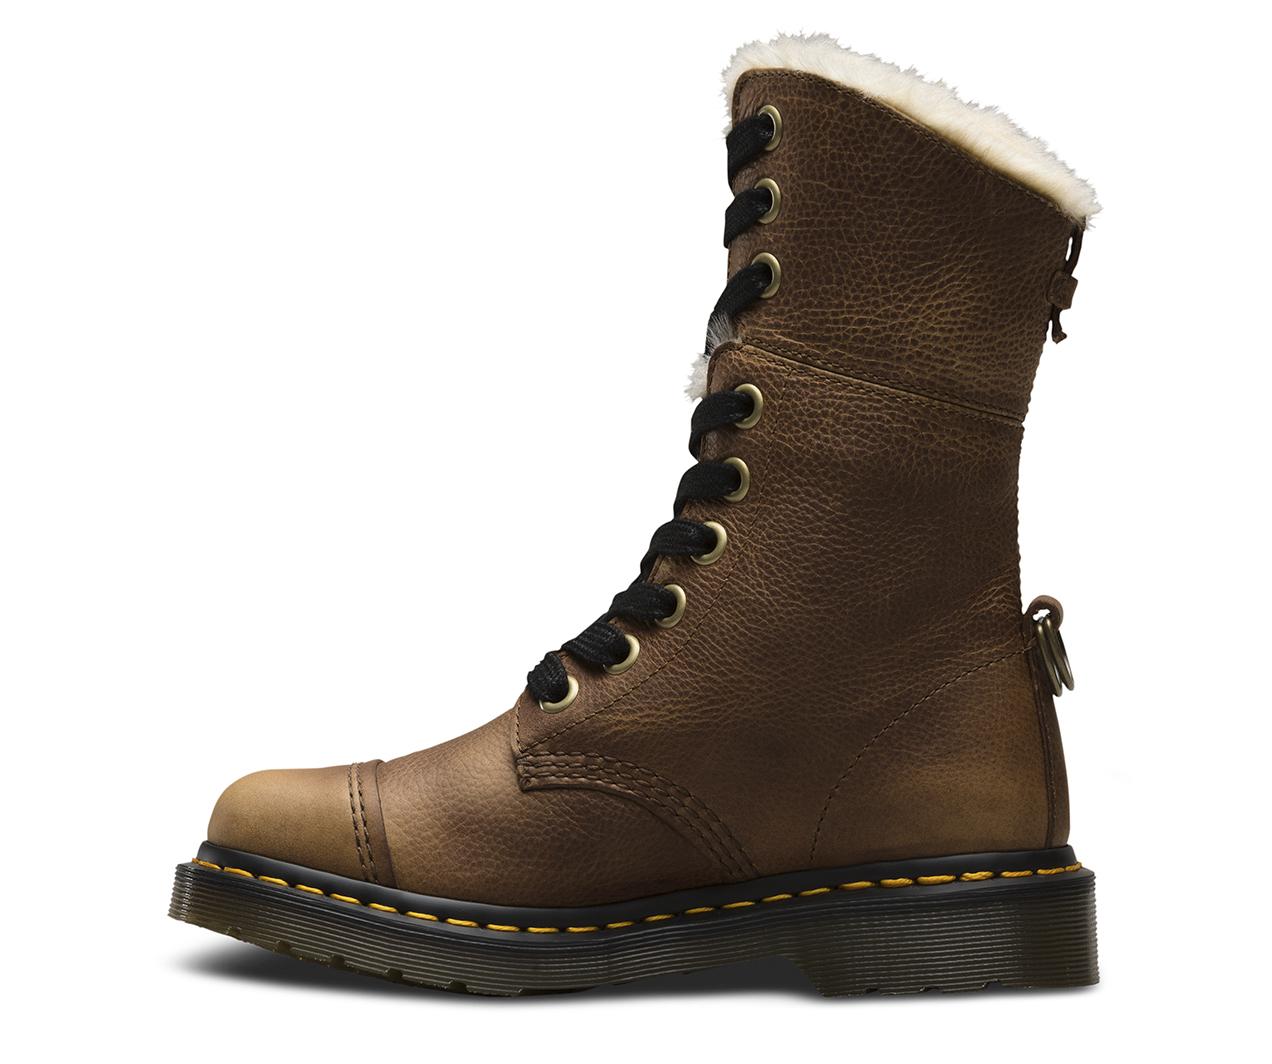 Aimilita FL Tan Grizzly 22693220, Boots - 39 EU Dr. Martens